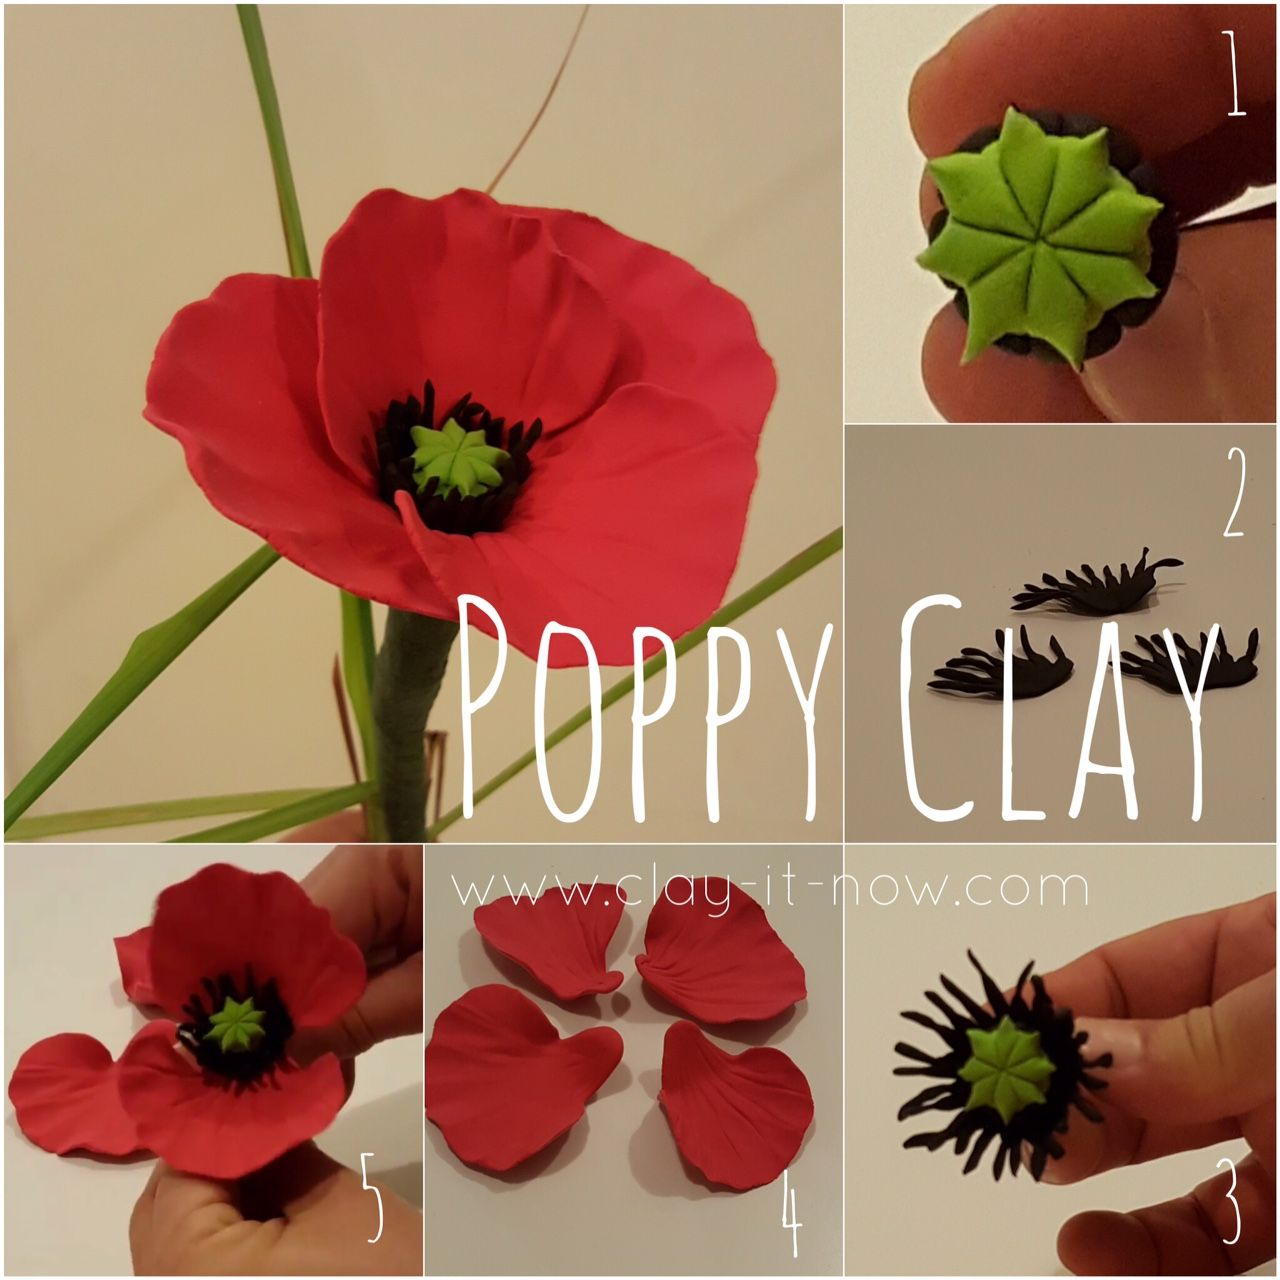 Mohnblume Seidenpapier Wunderschoner Look In 2020 Blumen Basteln Seidenpapier Blumen Servietten Blumen